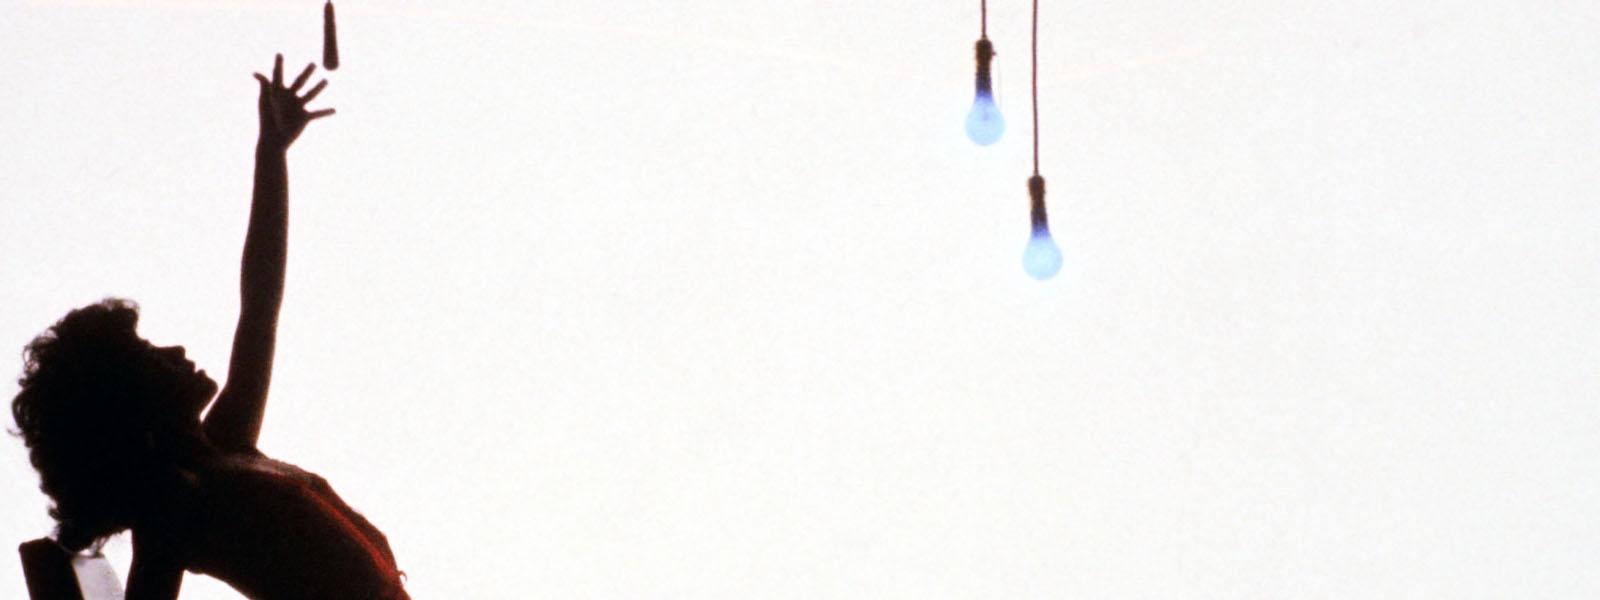 Jennifer Beals dances in silhouette in Flashdance